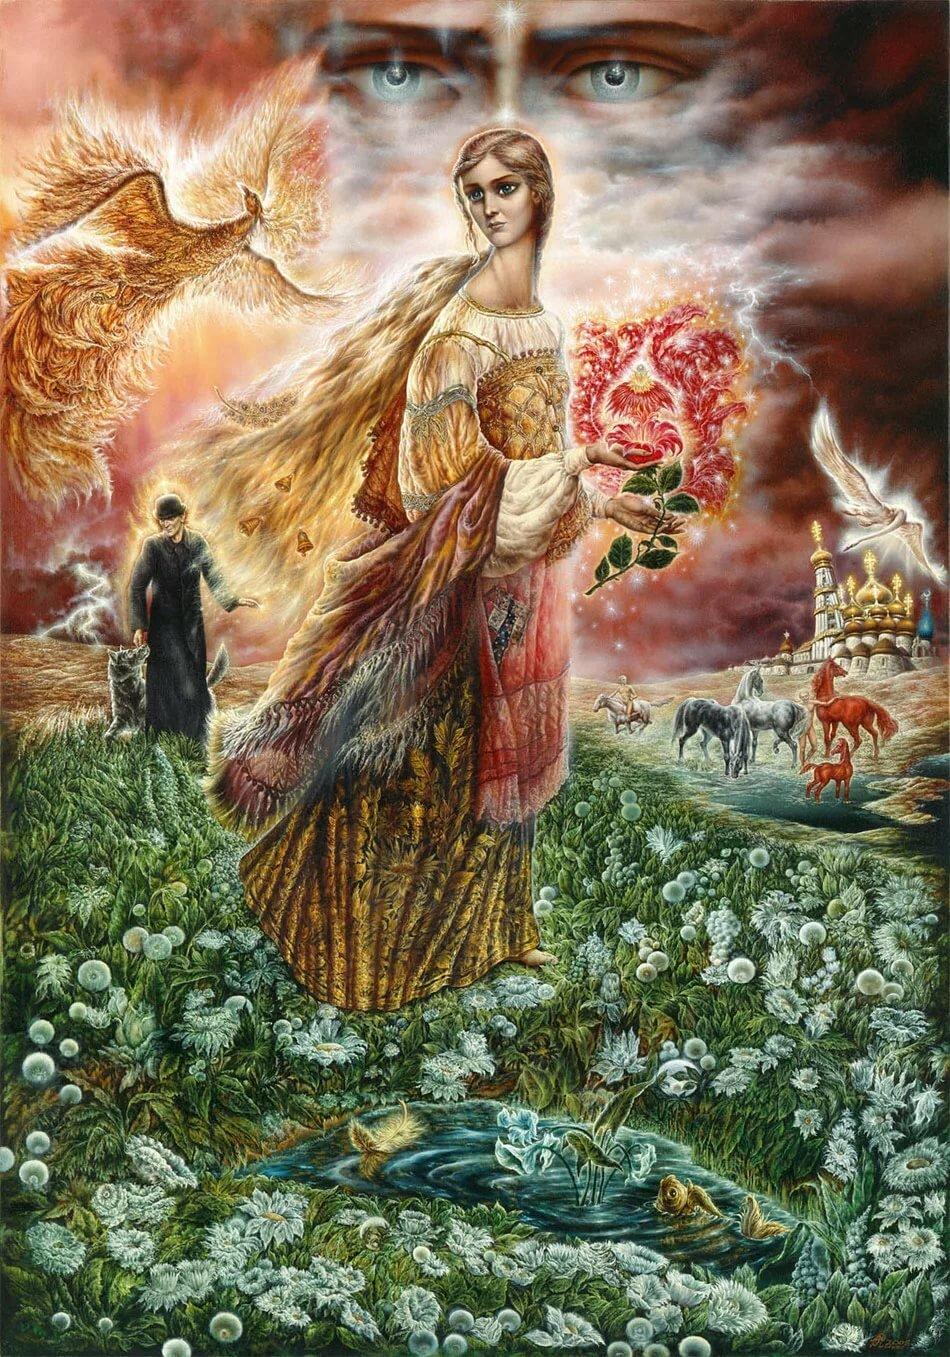 себе жива богиня славяне картинки возвращаются птицы, которым